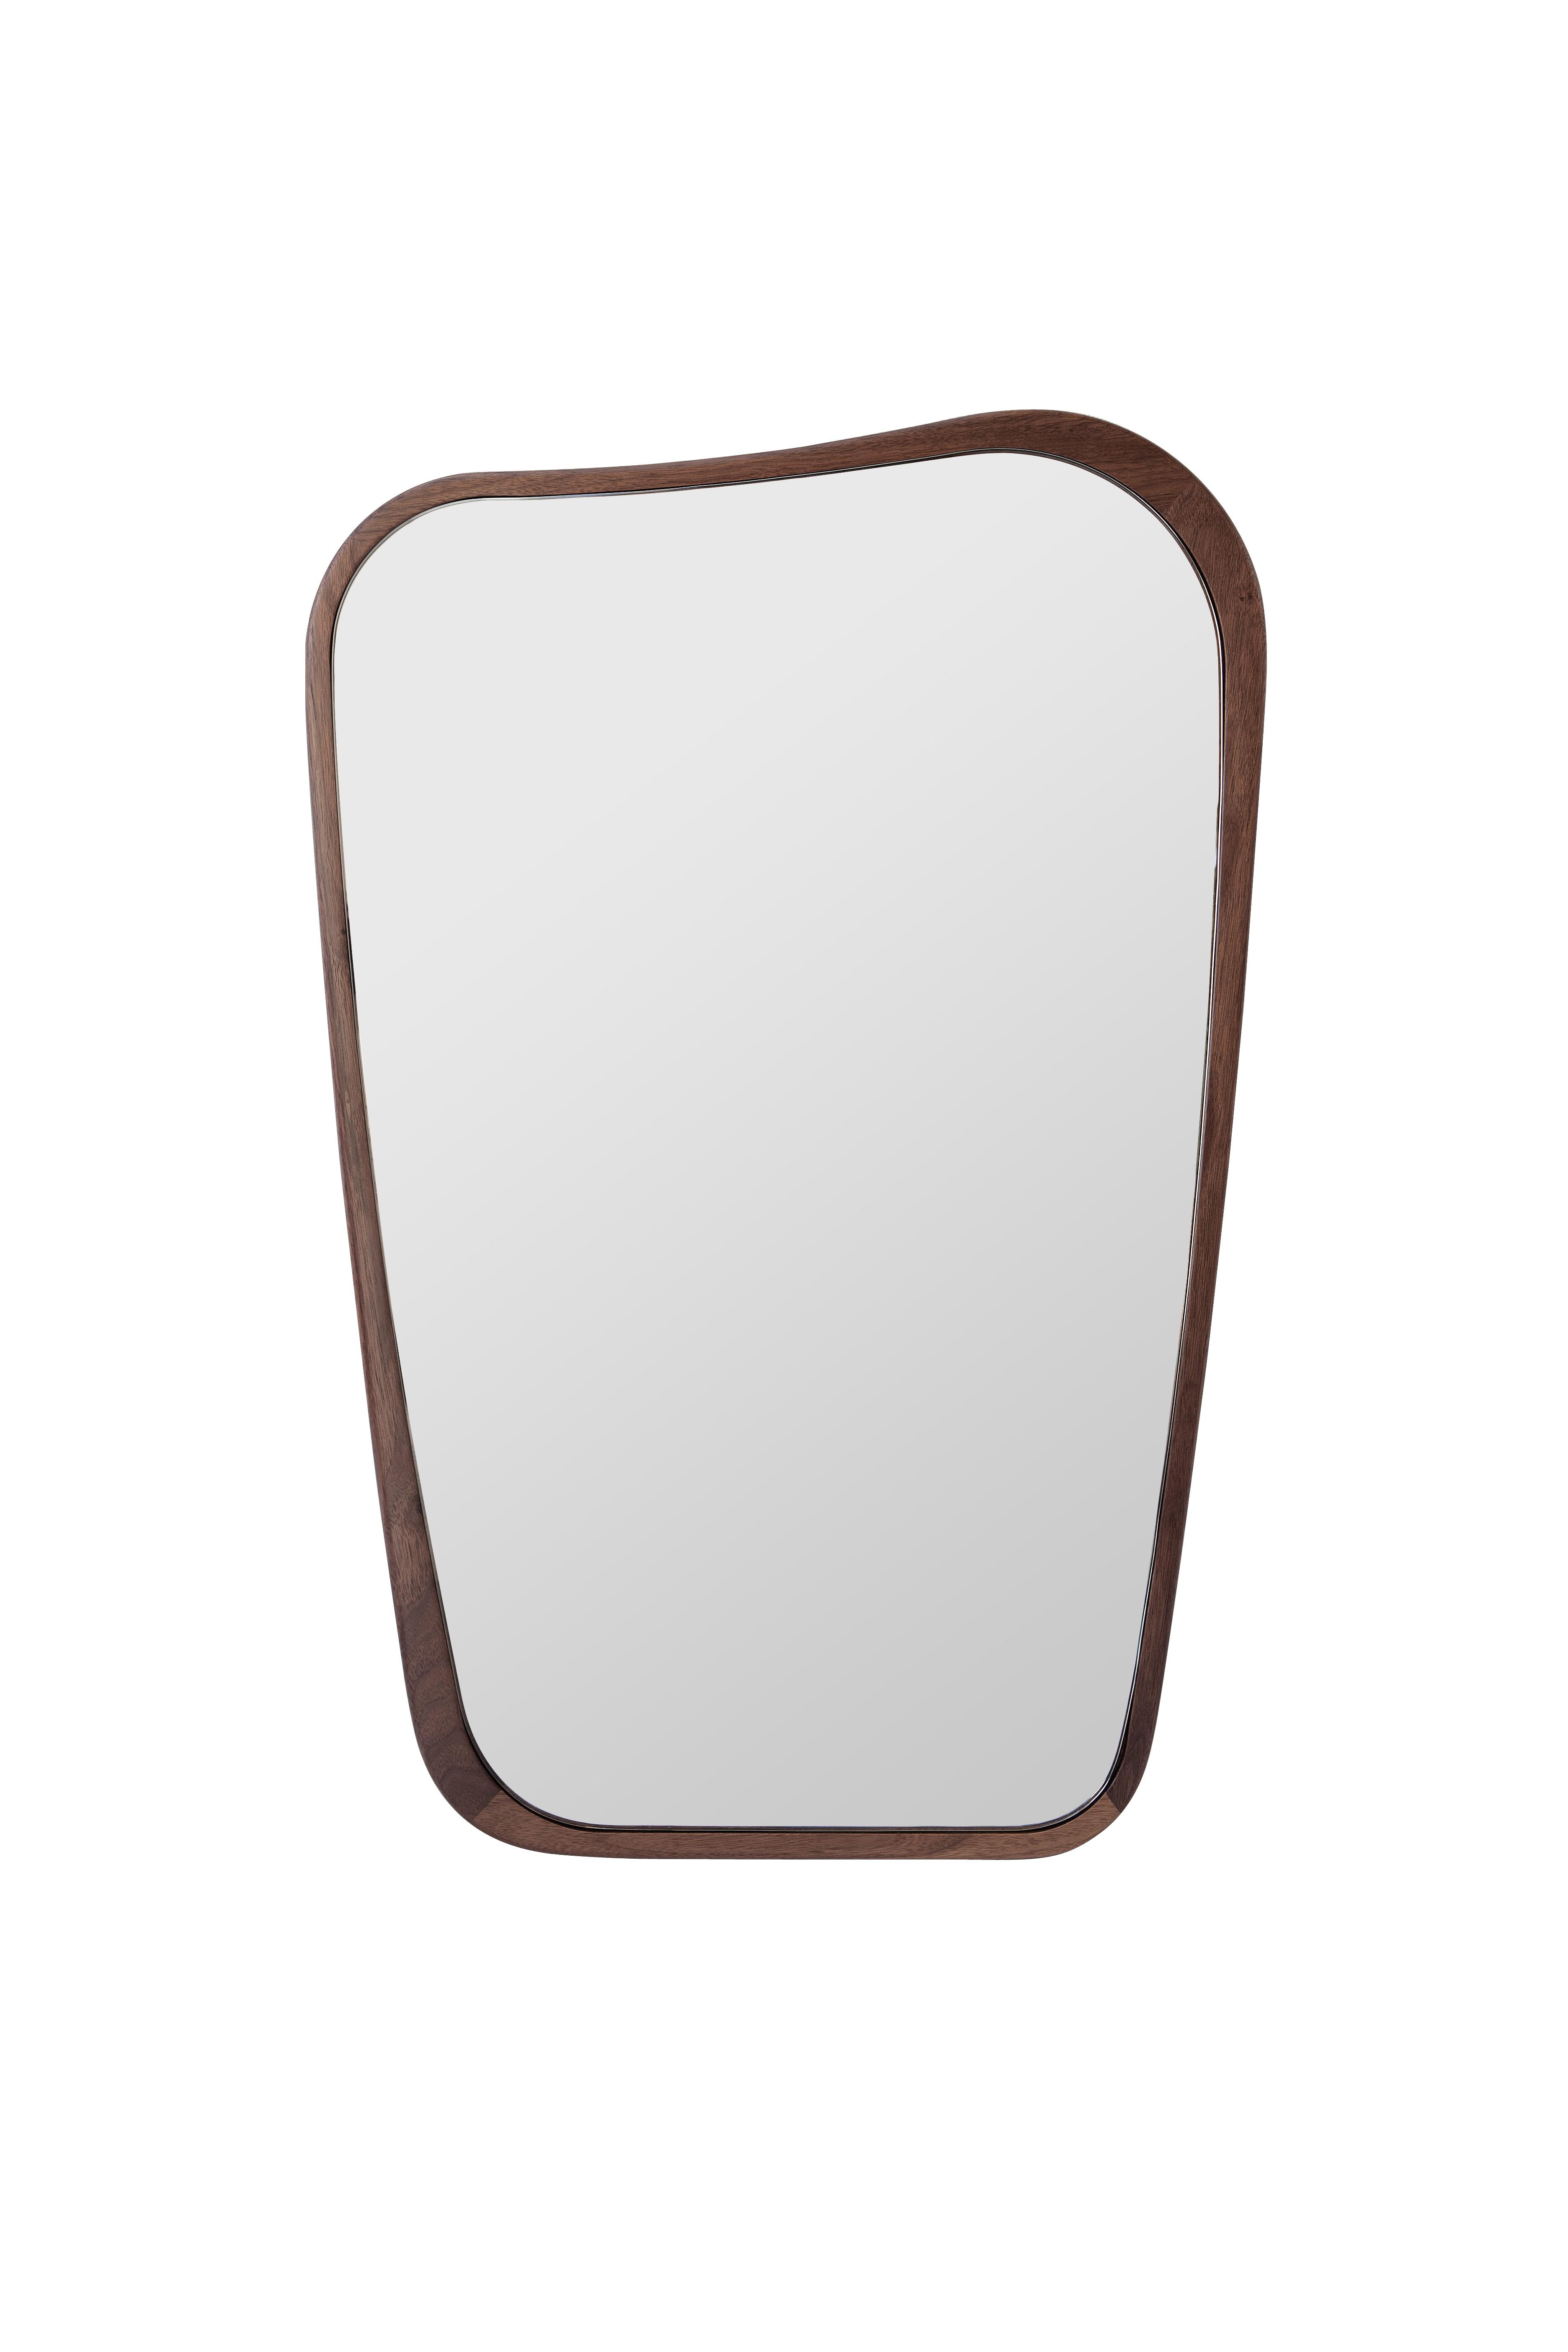 Miroir organique de sarah lavoine 63 x 90 noyer for Miroir 90 x 150